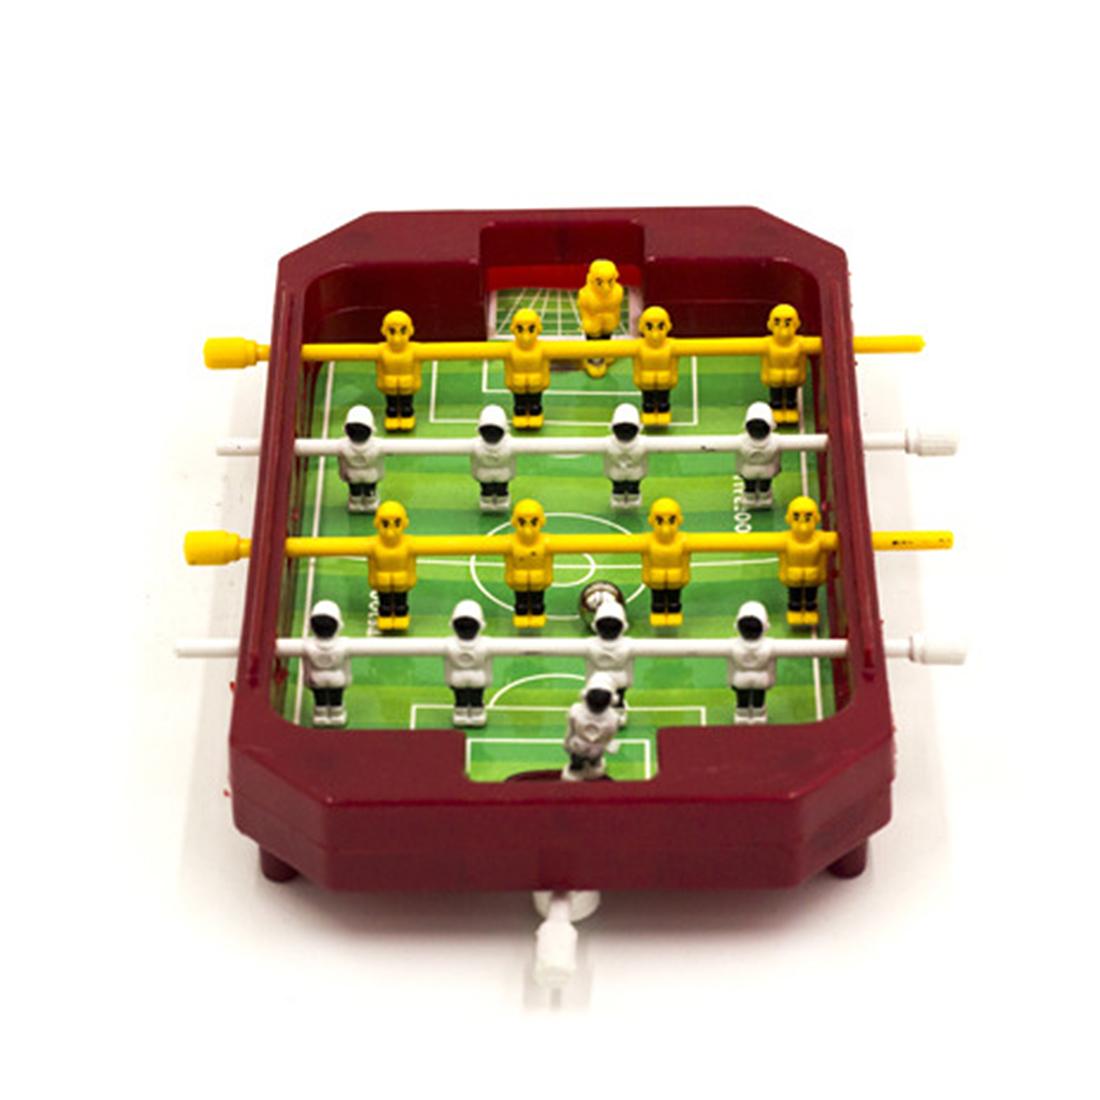 Столы для мини футбола из Китая